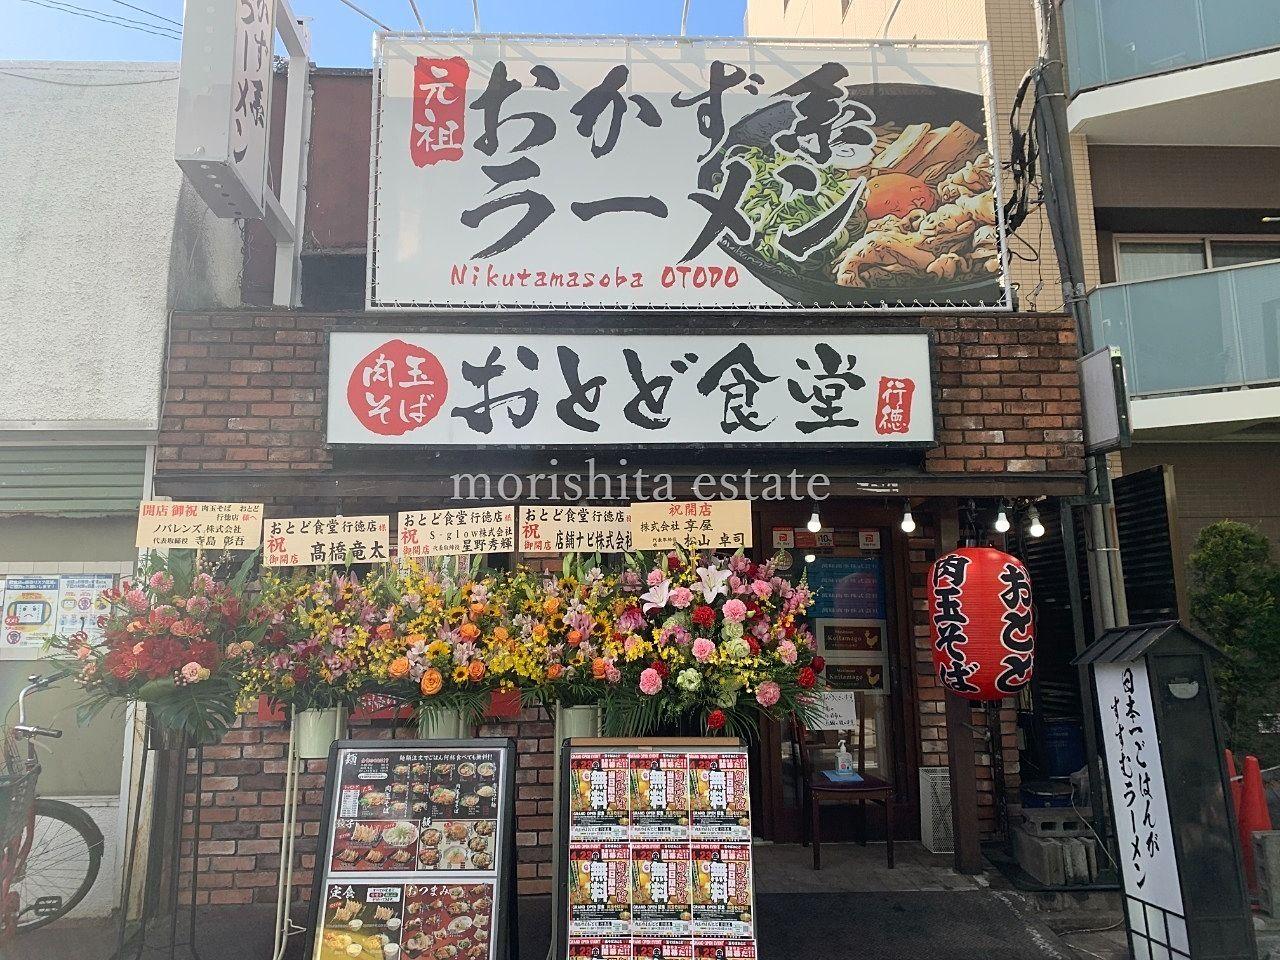 新規開店 肉玉そば おとど食堂 おかず系ラーメン 写真